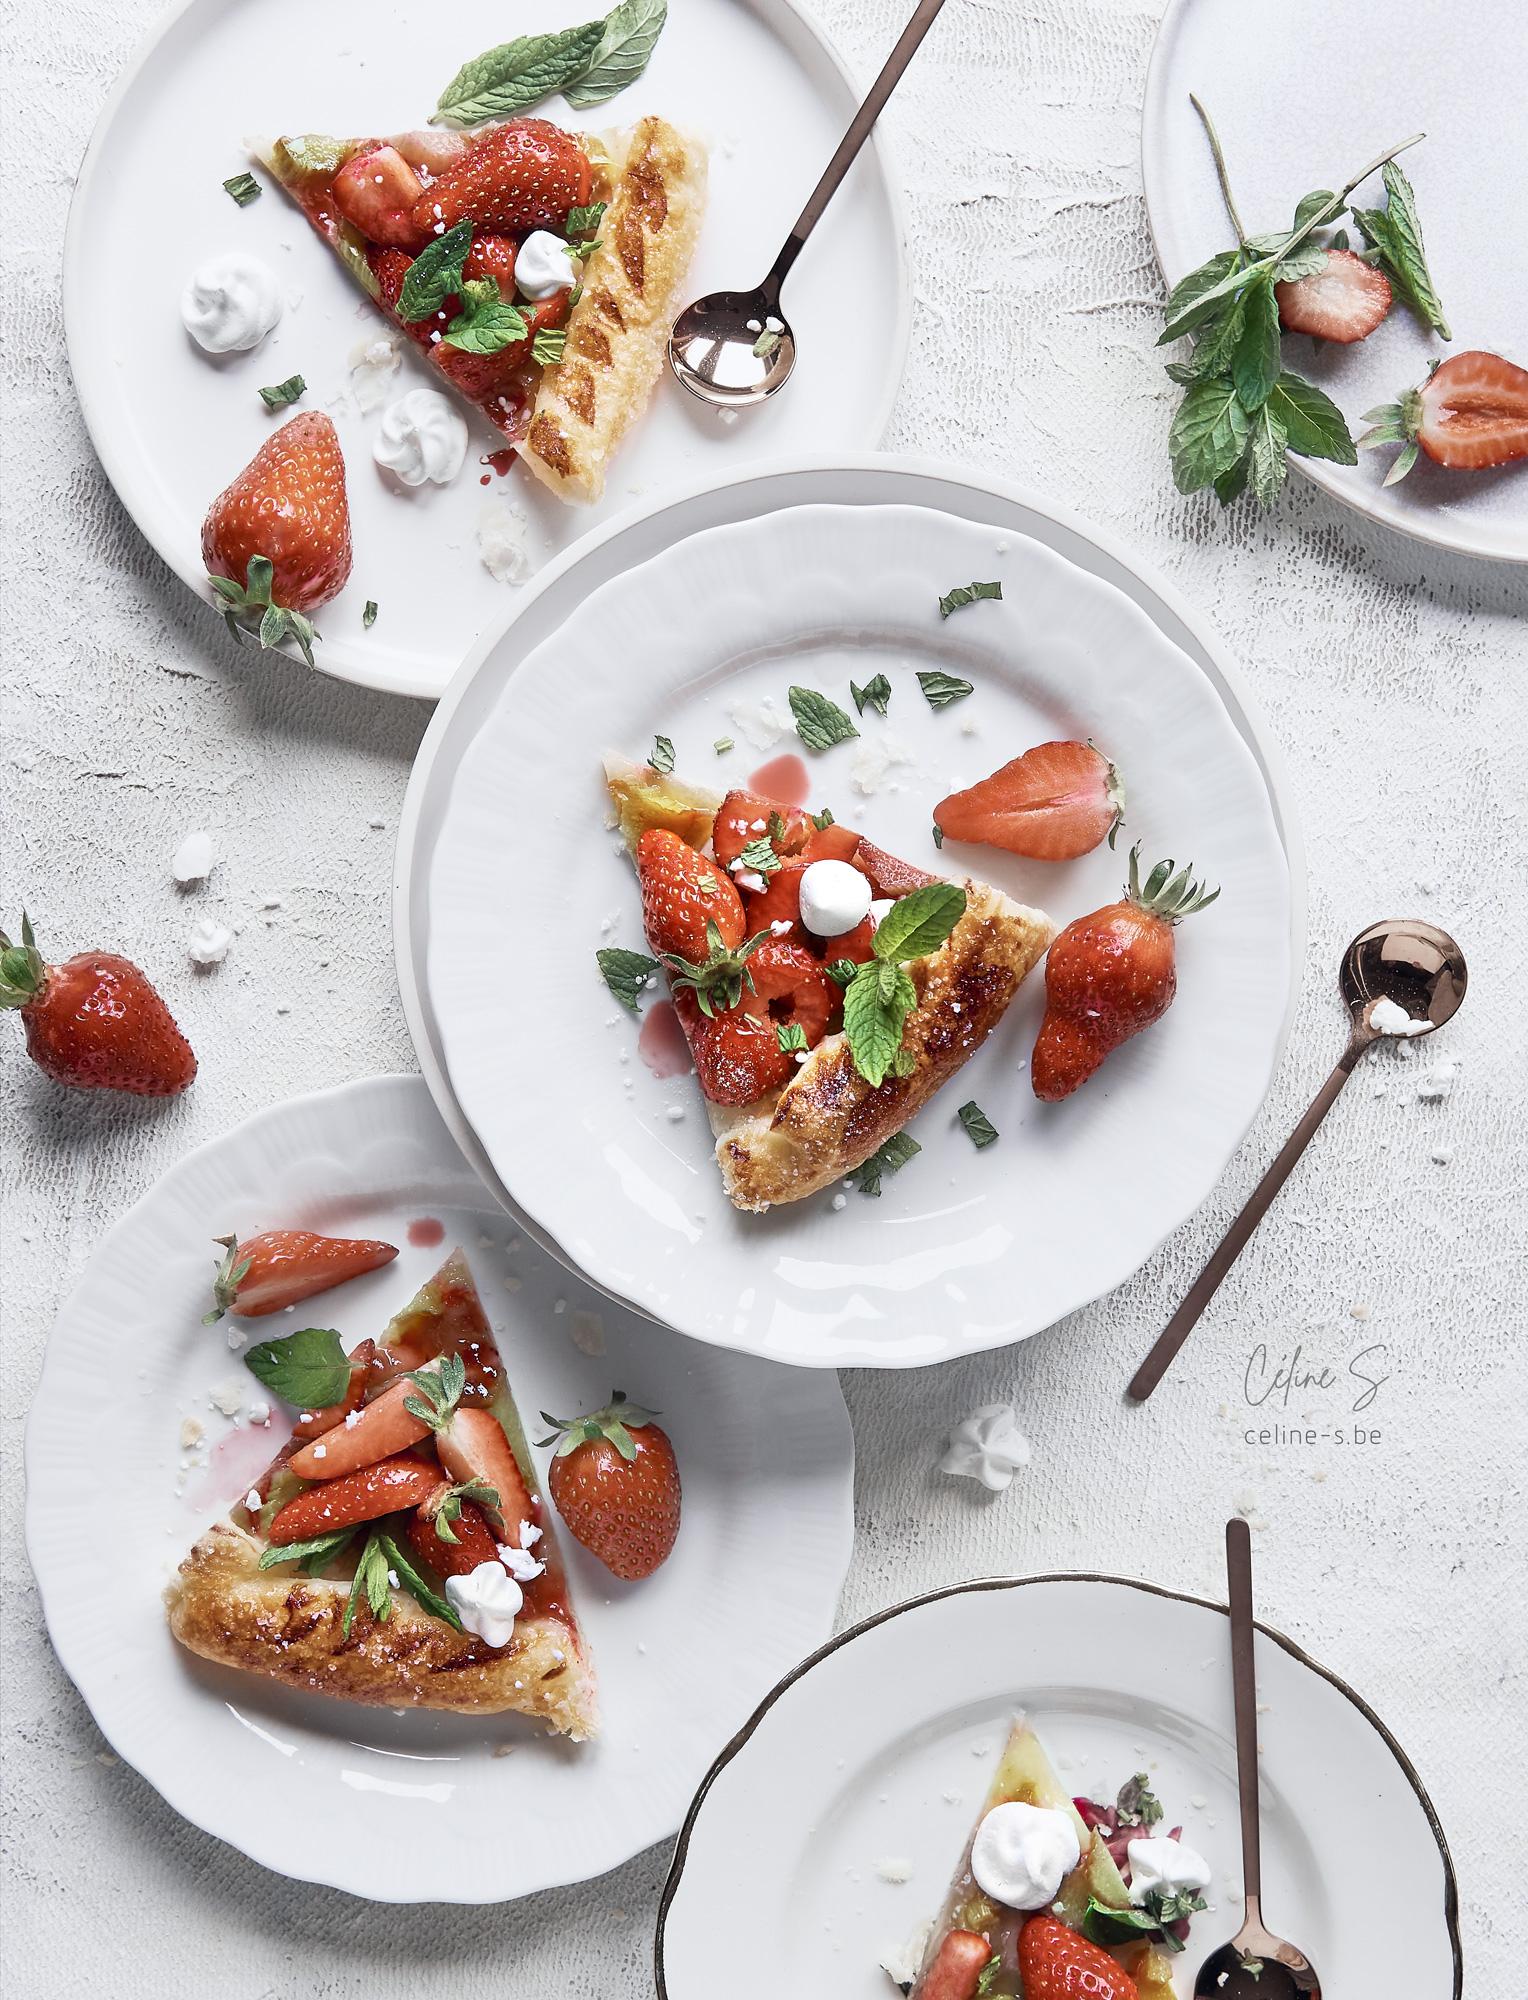 Céline Stiévenard - food photography - photographe et styliste culinaire - photo et recette de tarte ultra rapide à la rhubarbe et aux fraises - parts indivuduelles- Liège, Belgique